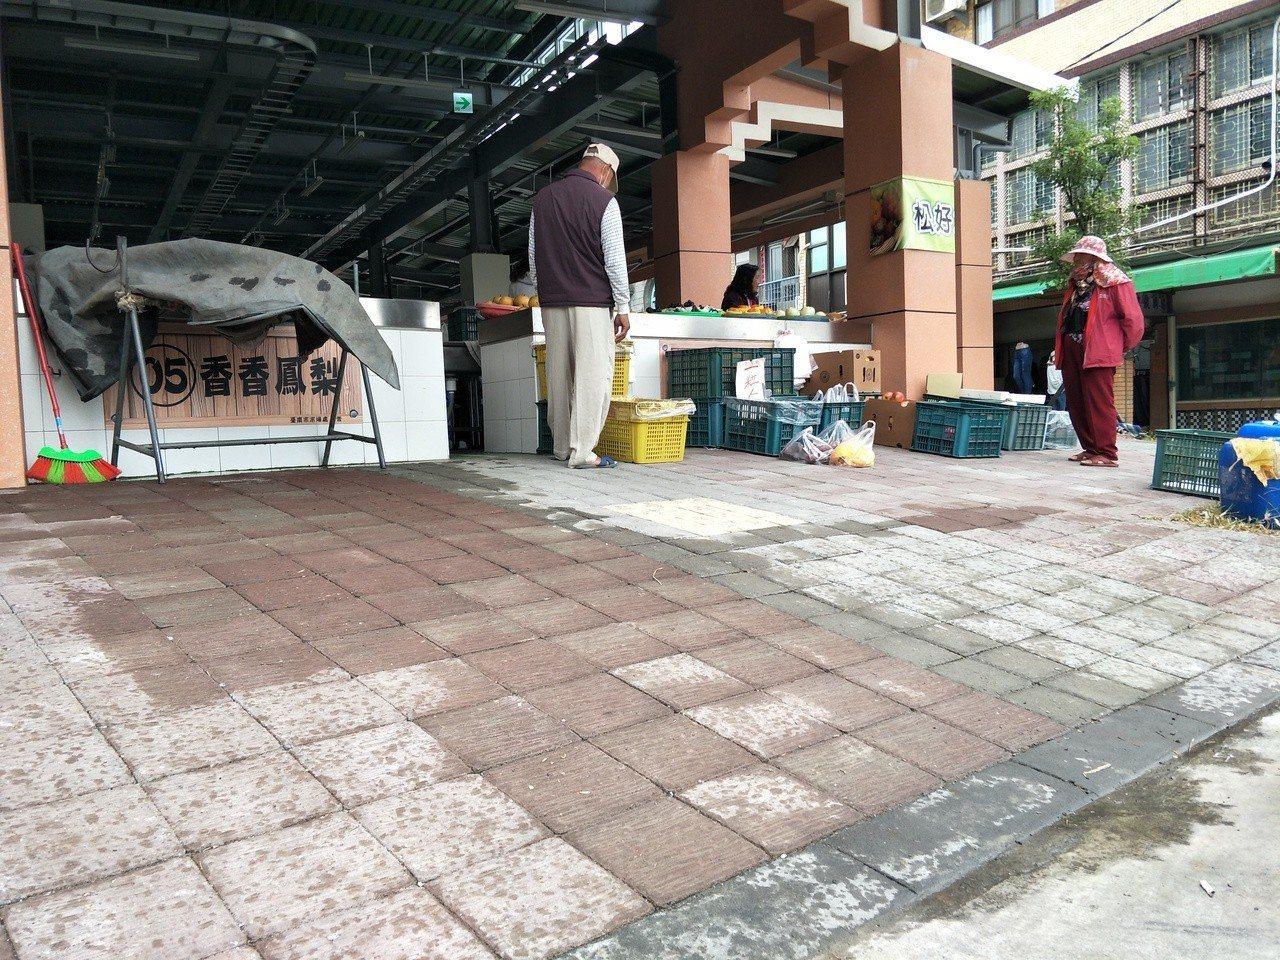 新啟用的台南下營市場開始進駐,攤商反映入口處坡度太陡待改善。記者謝進盛/攝影